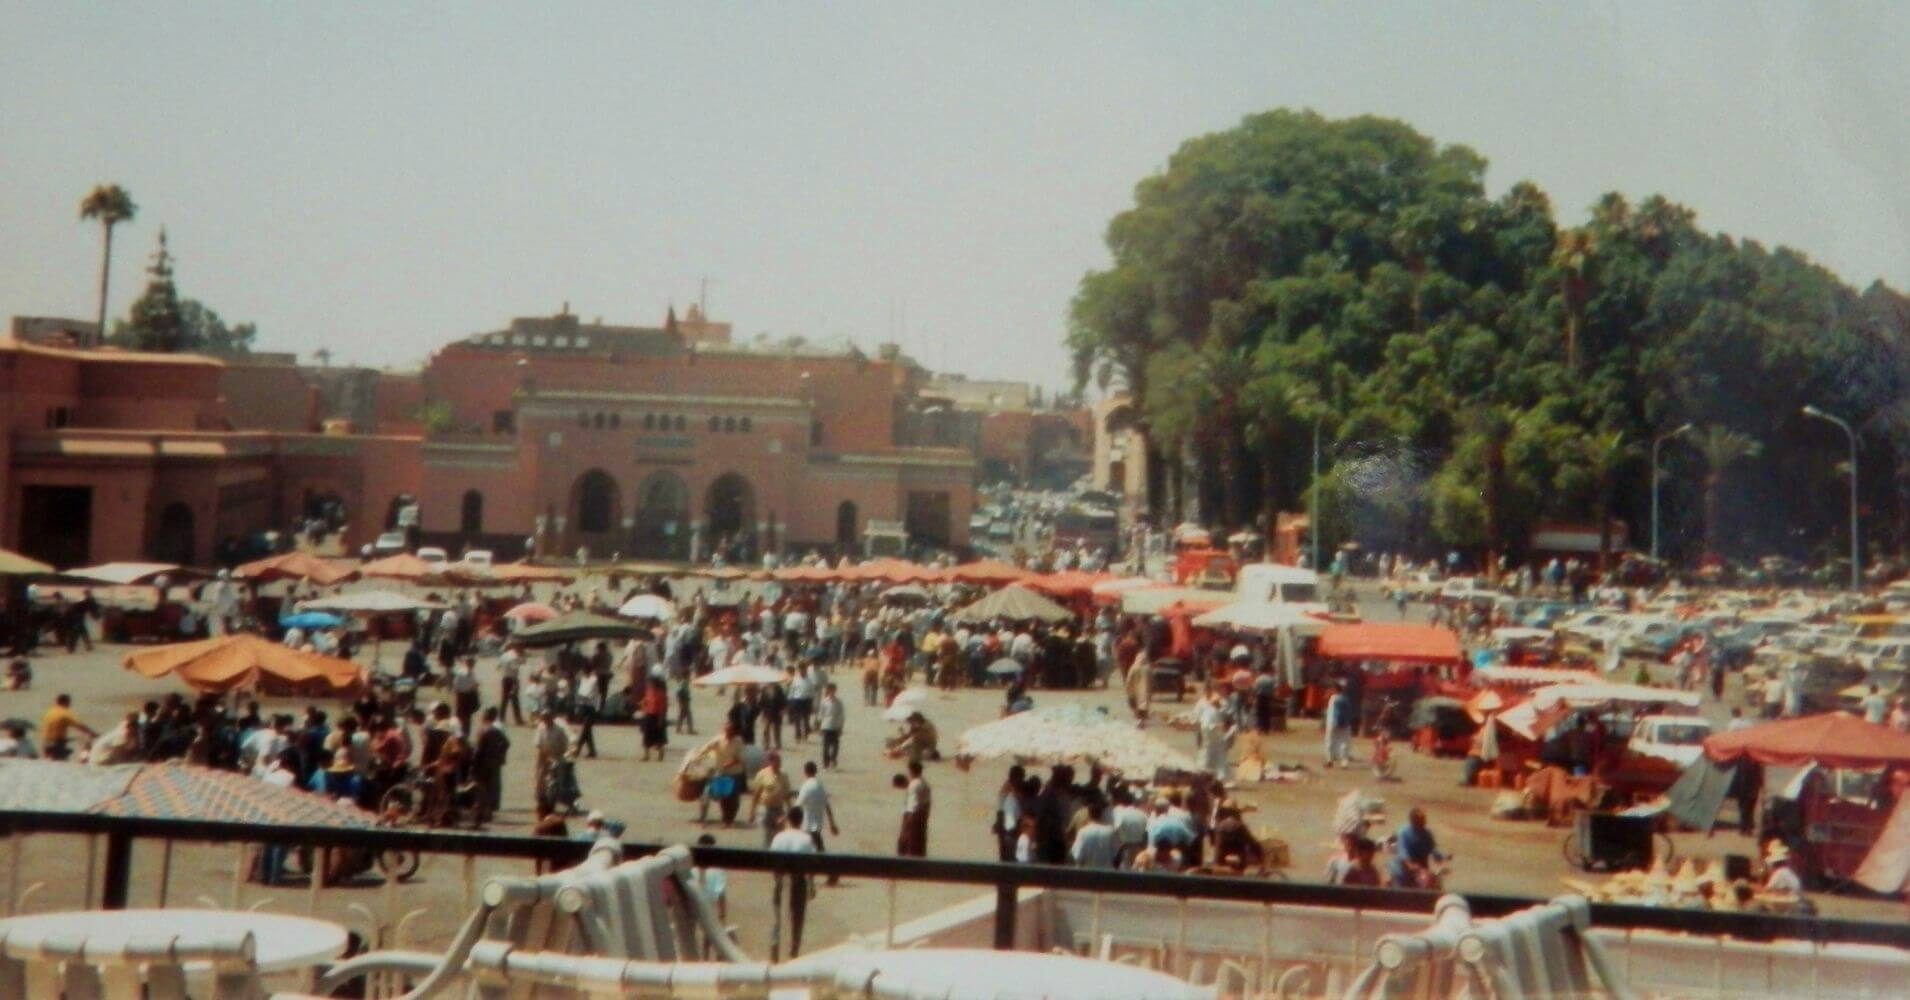 La Plaza de Marrakech. Marruecos.